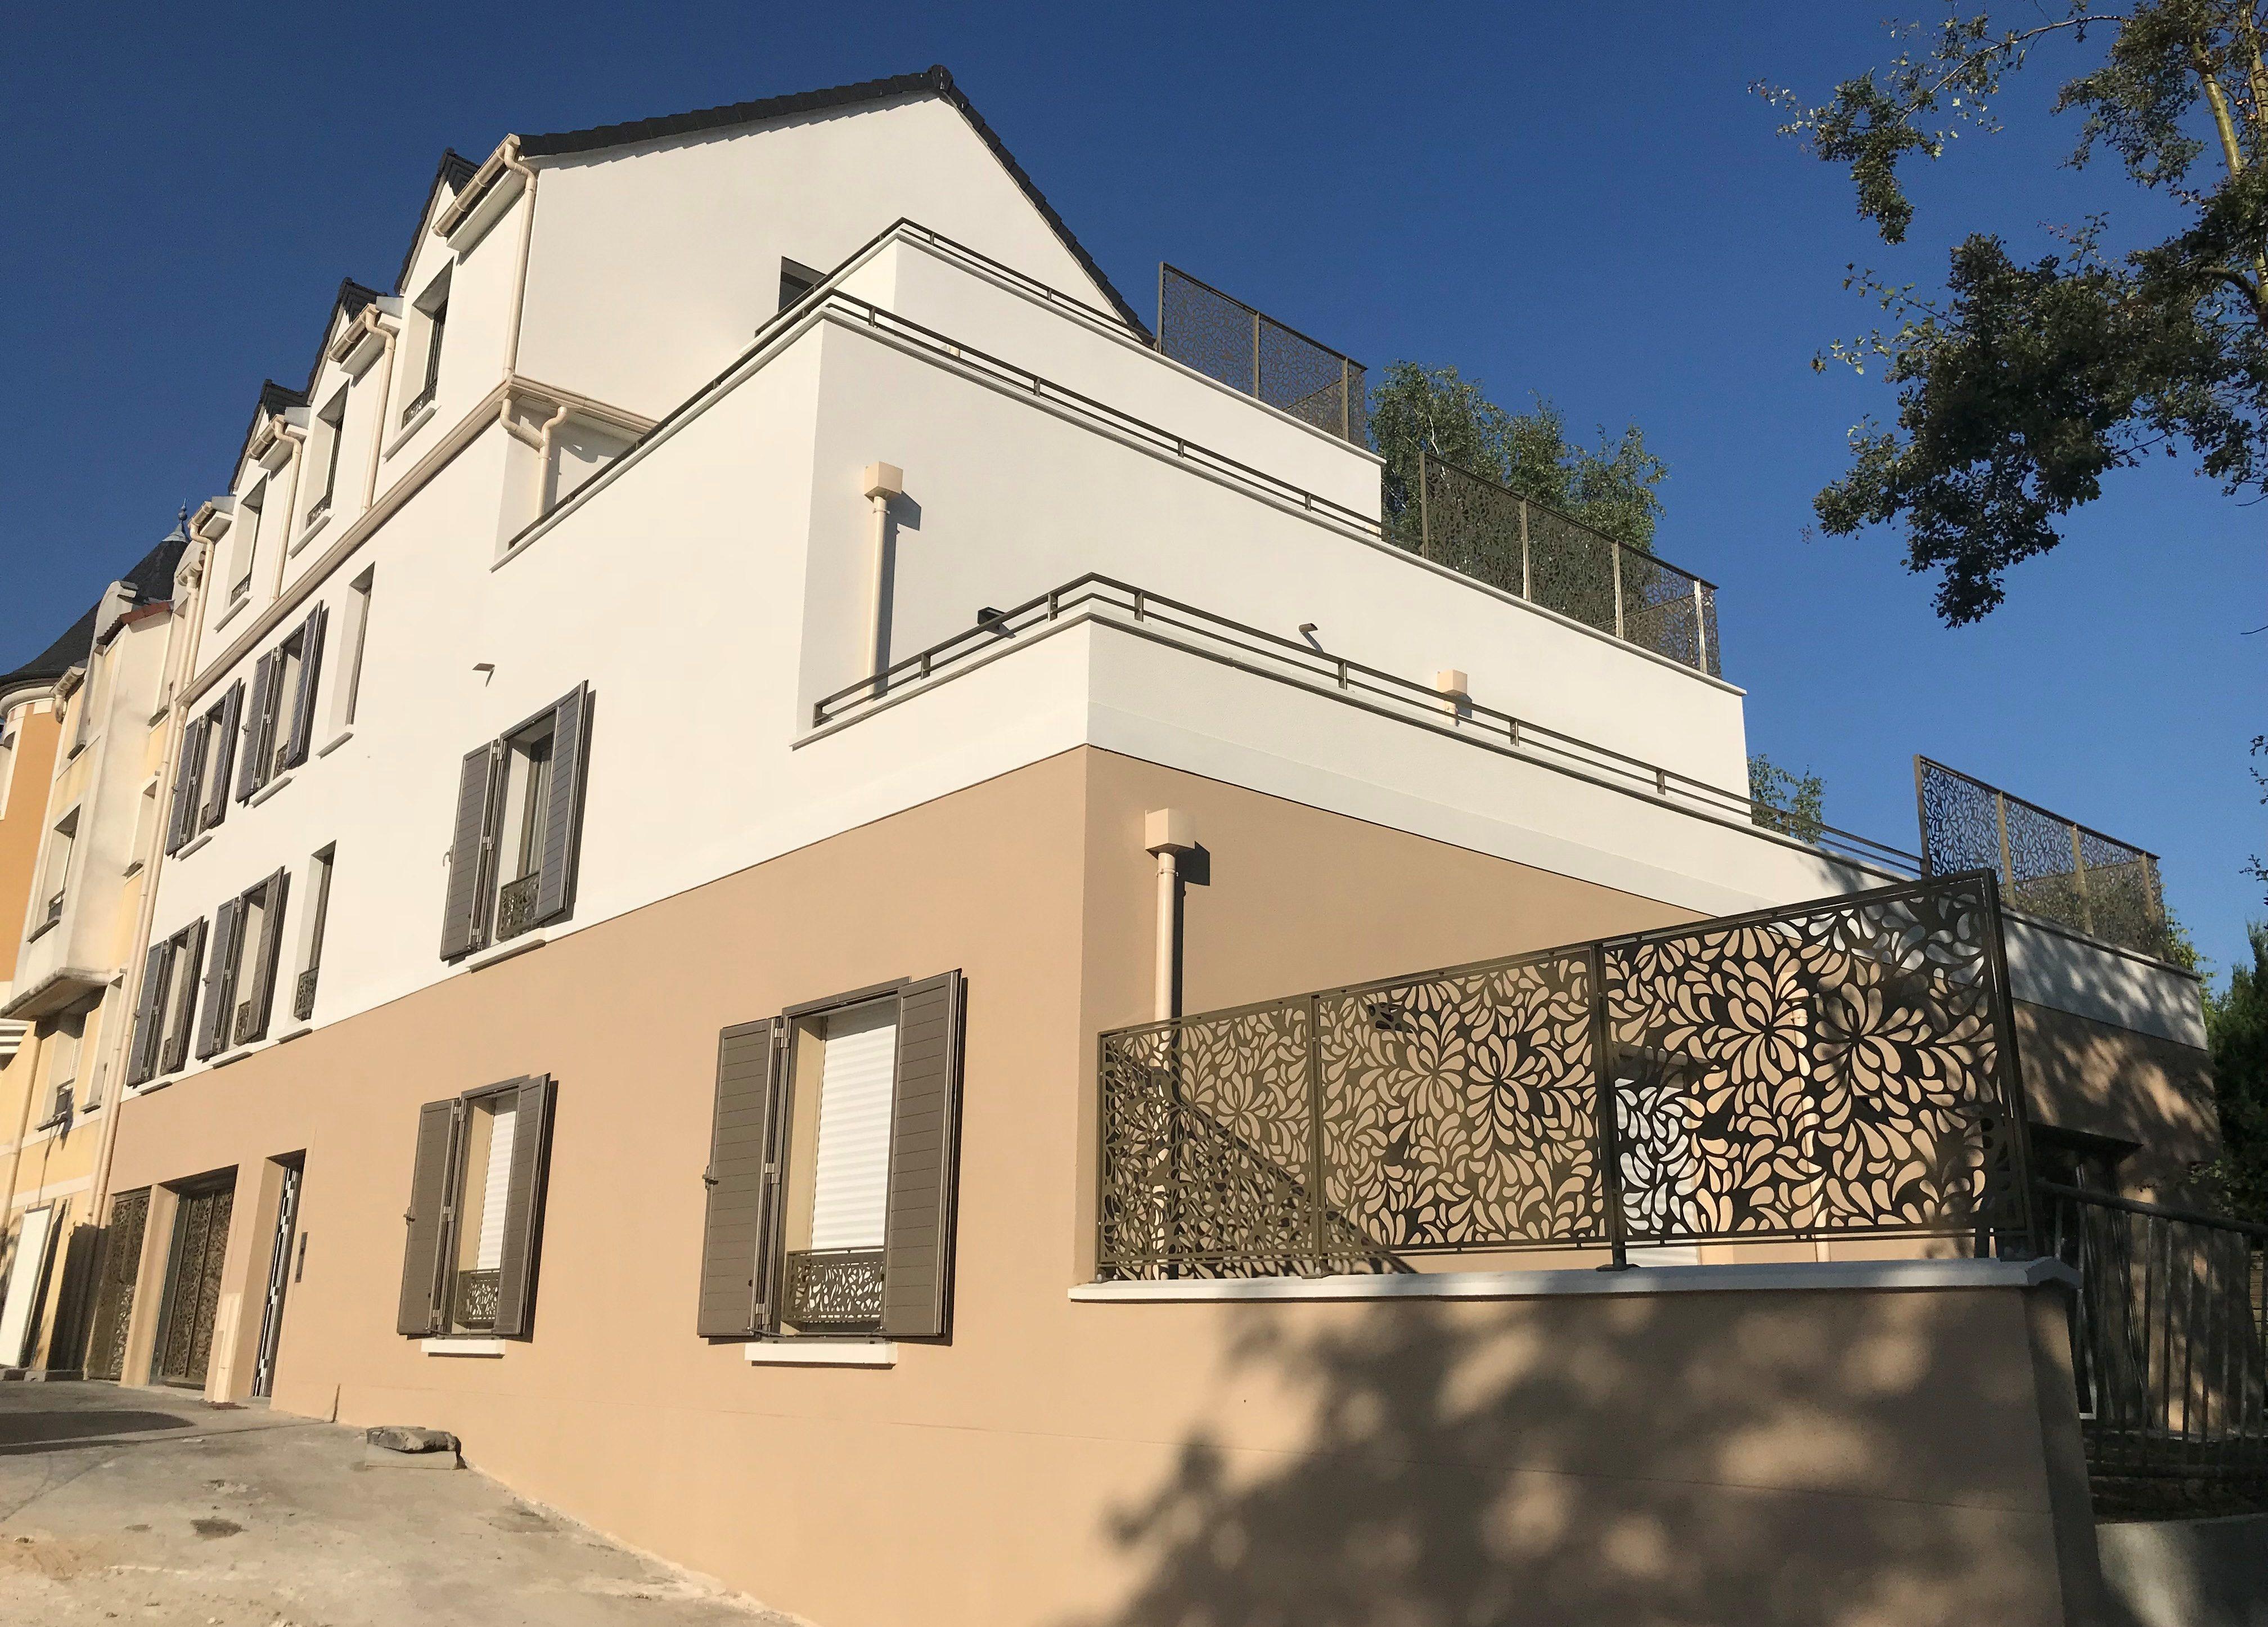 Villa suzanne - Batic SARL